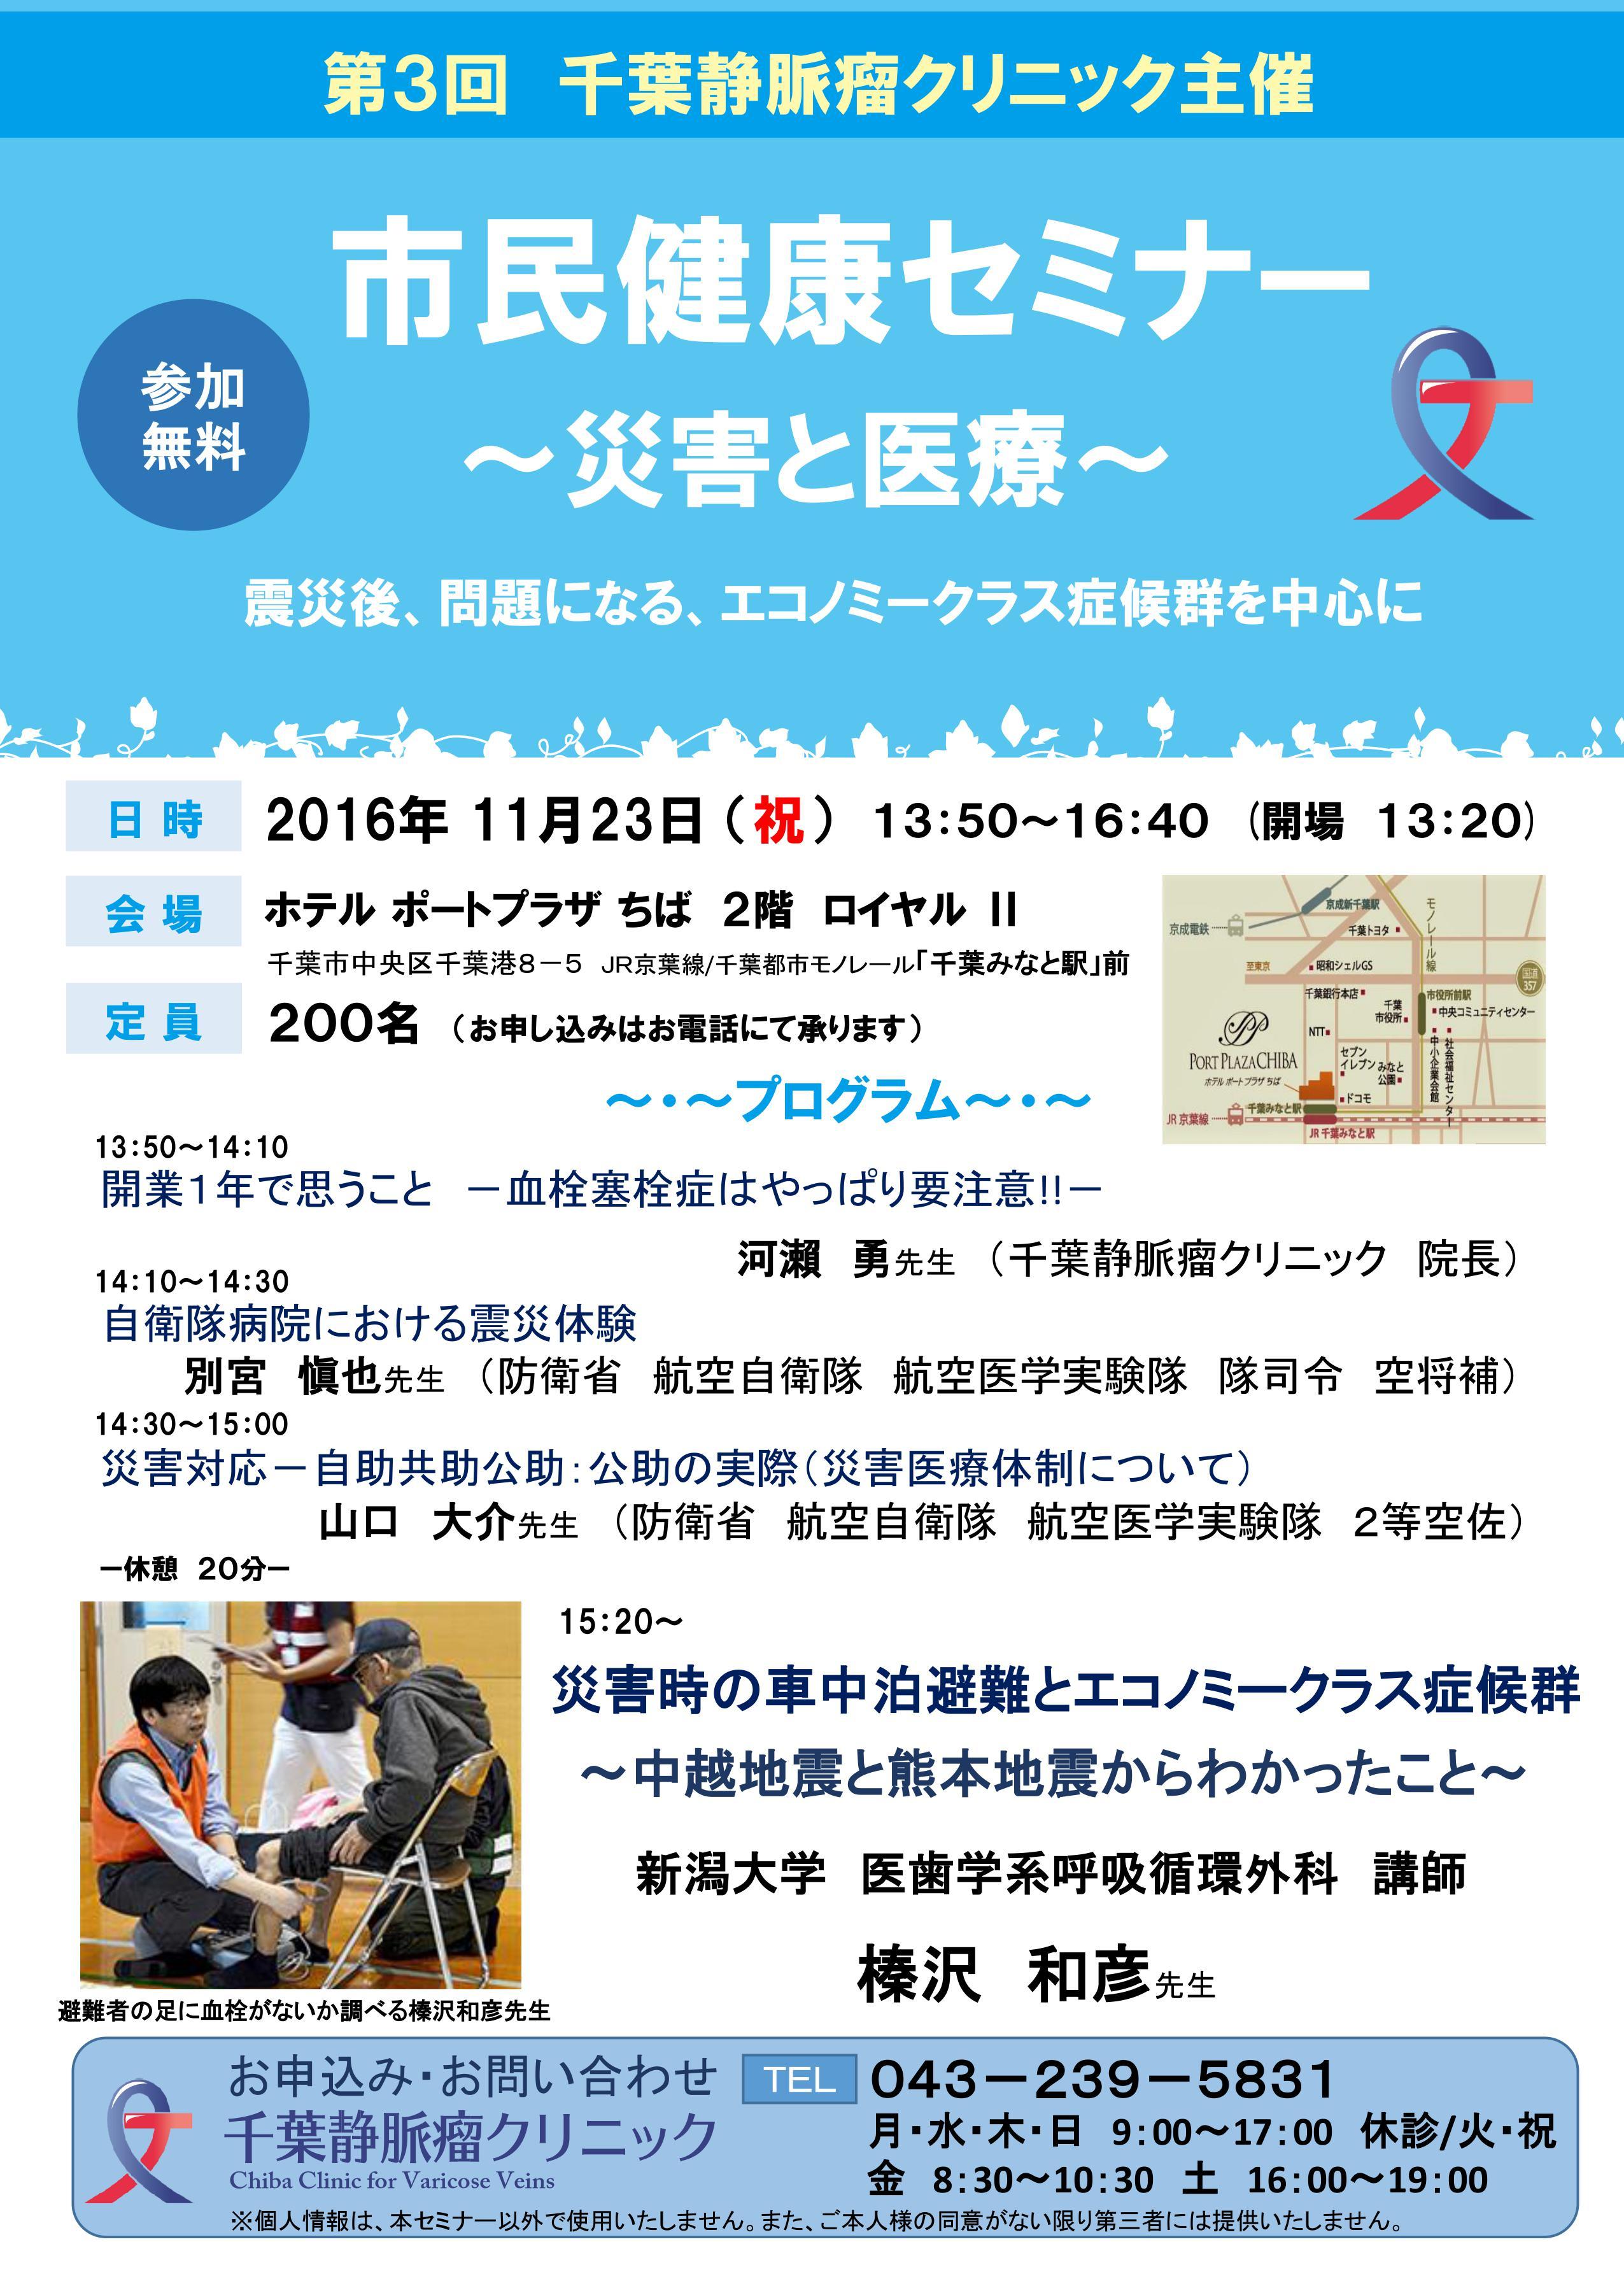 11月23日市民健康セミナーのお知らせ